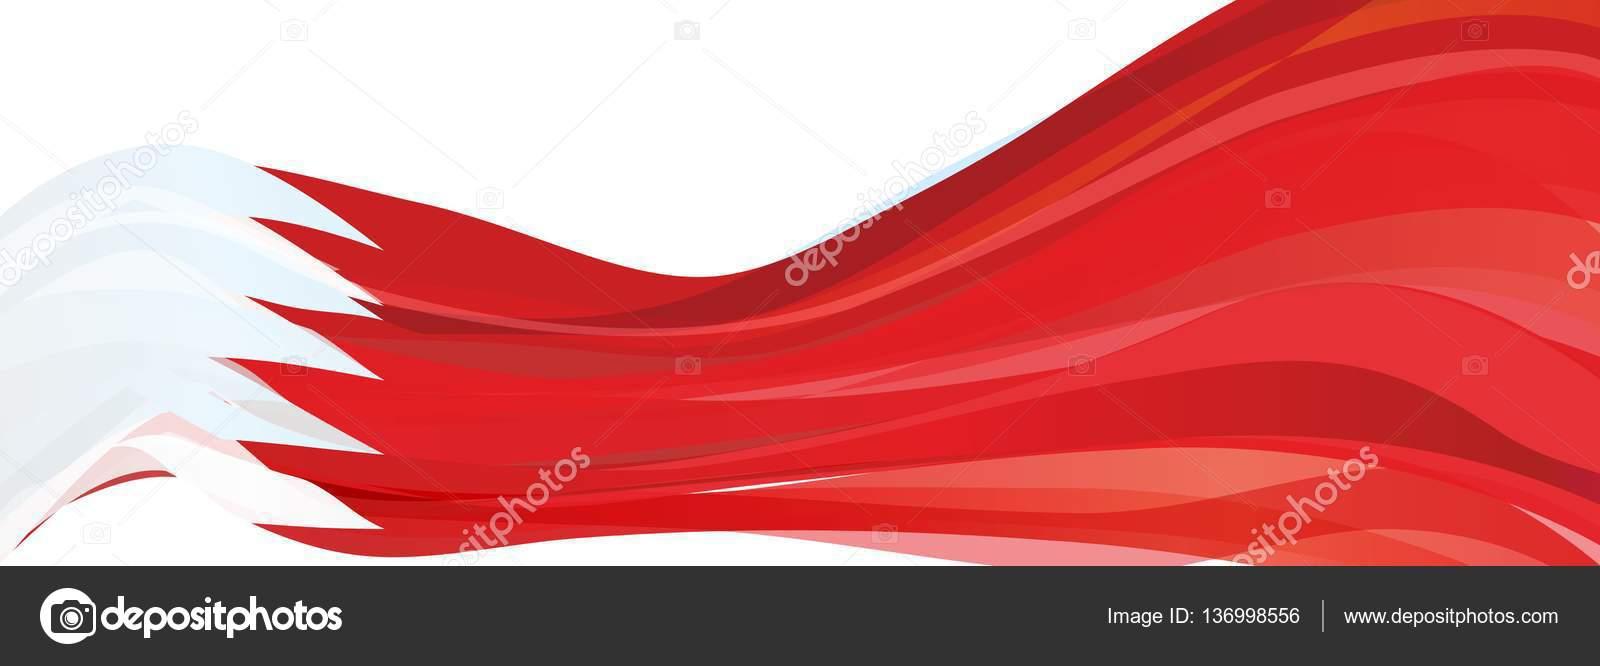 Drapeaux rouges quand votre datation